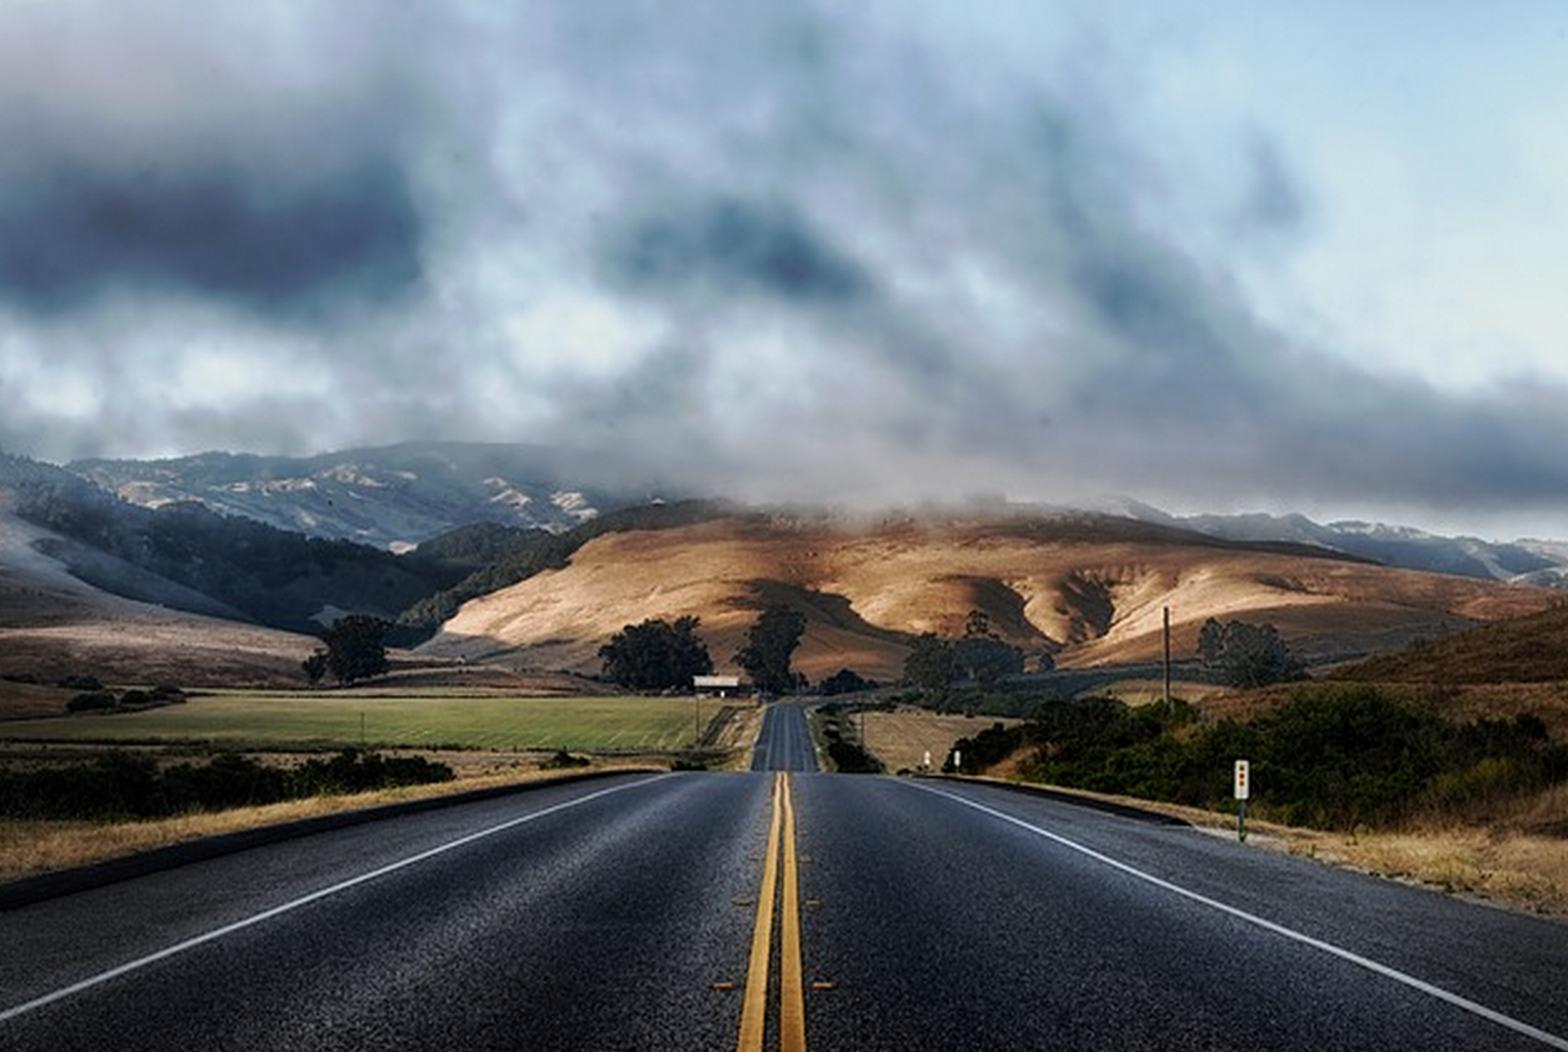 imagem de estrada ilustrando engenharia de transportes